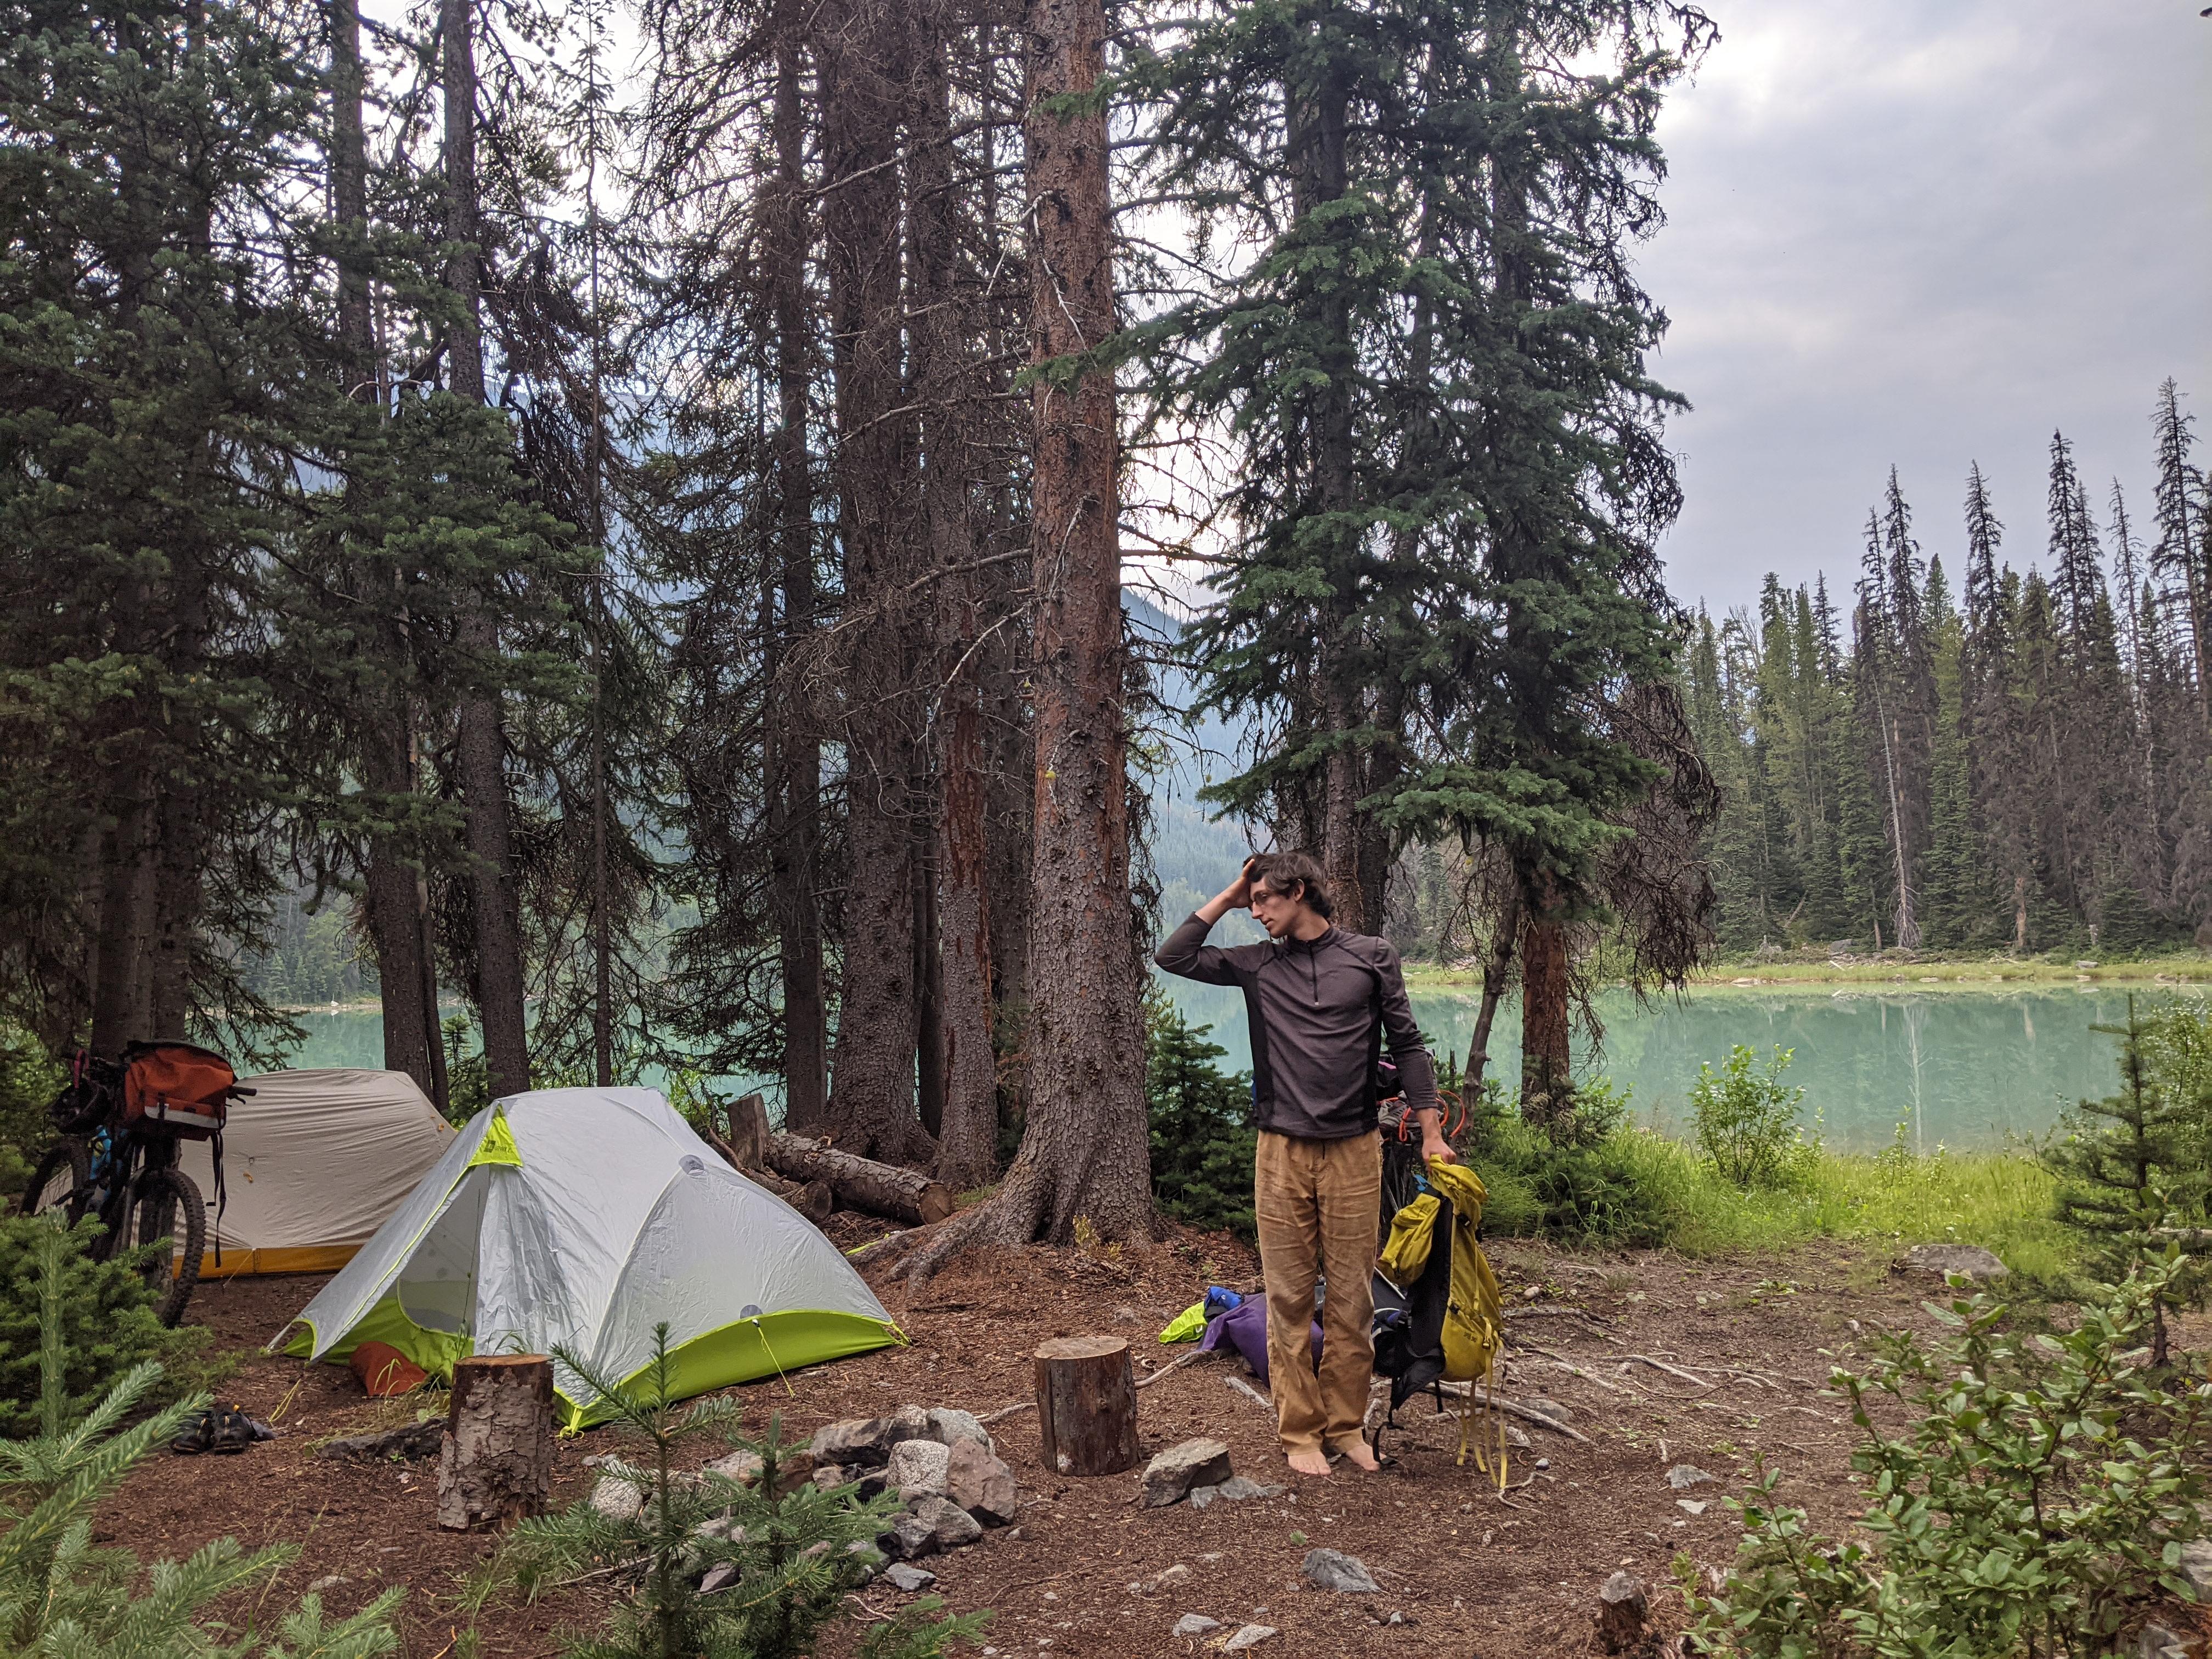 Jacob at camp.